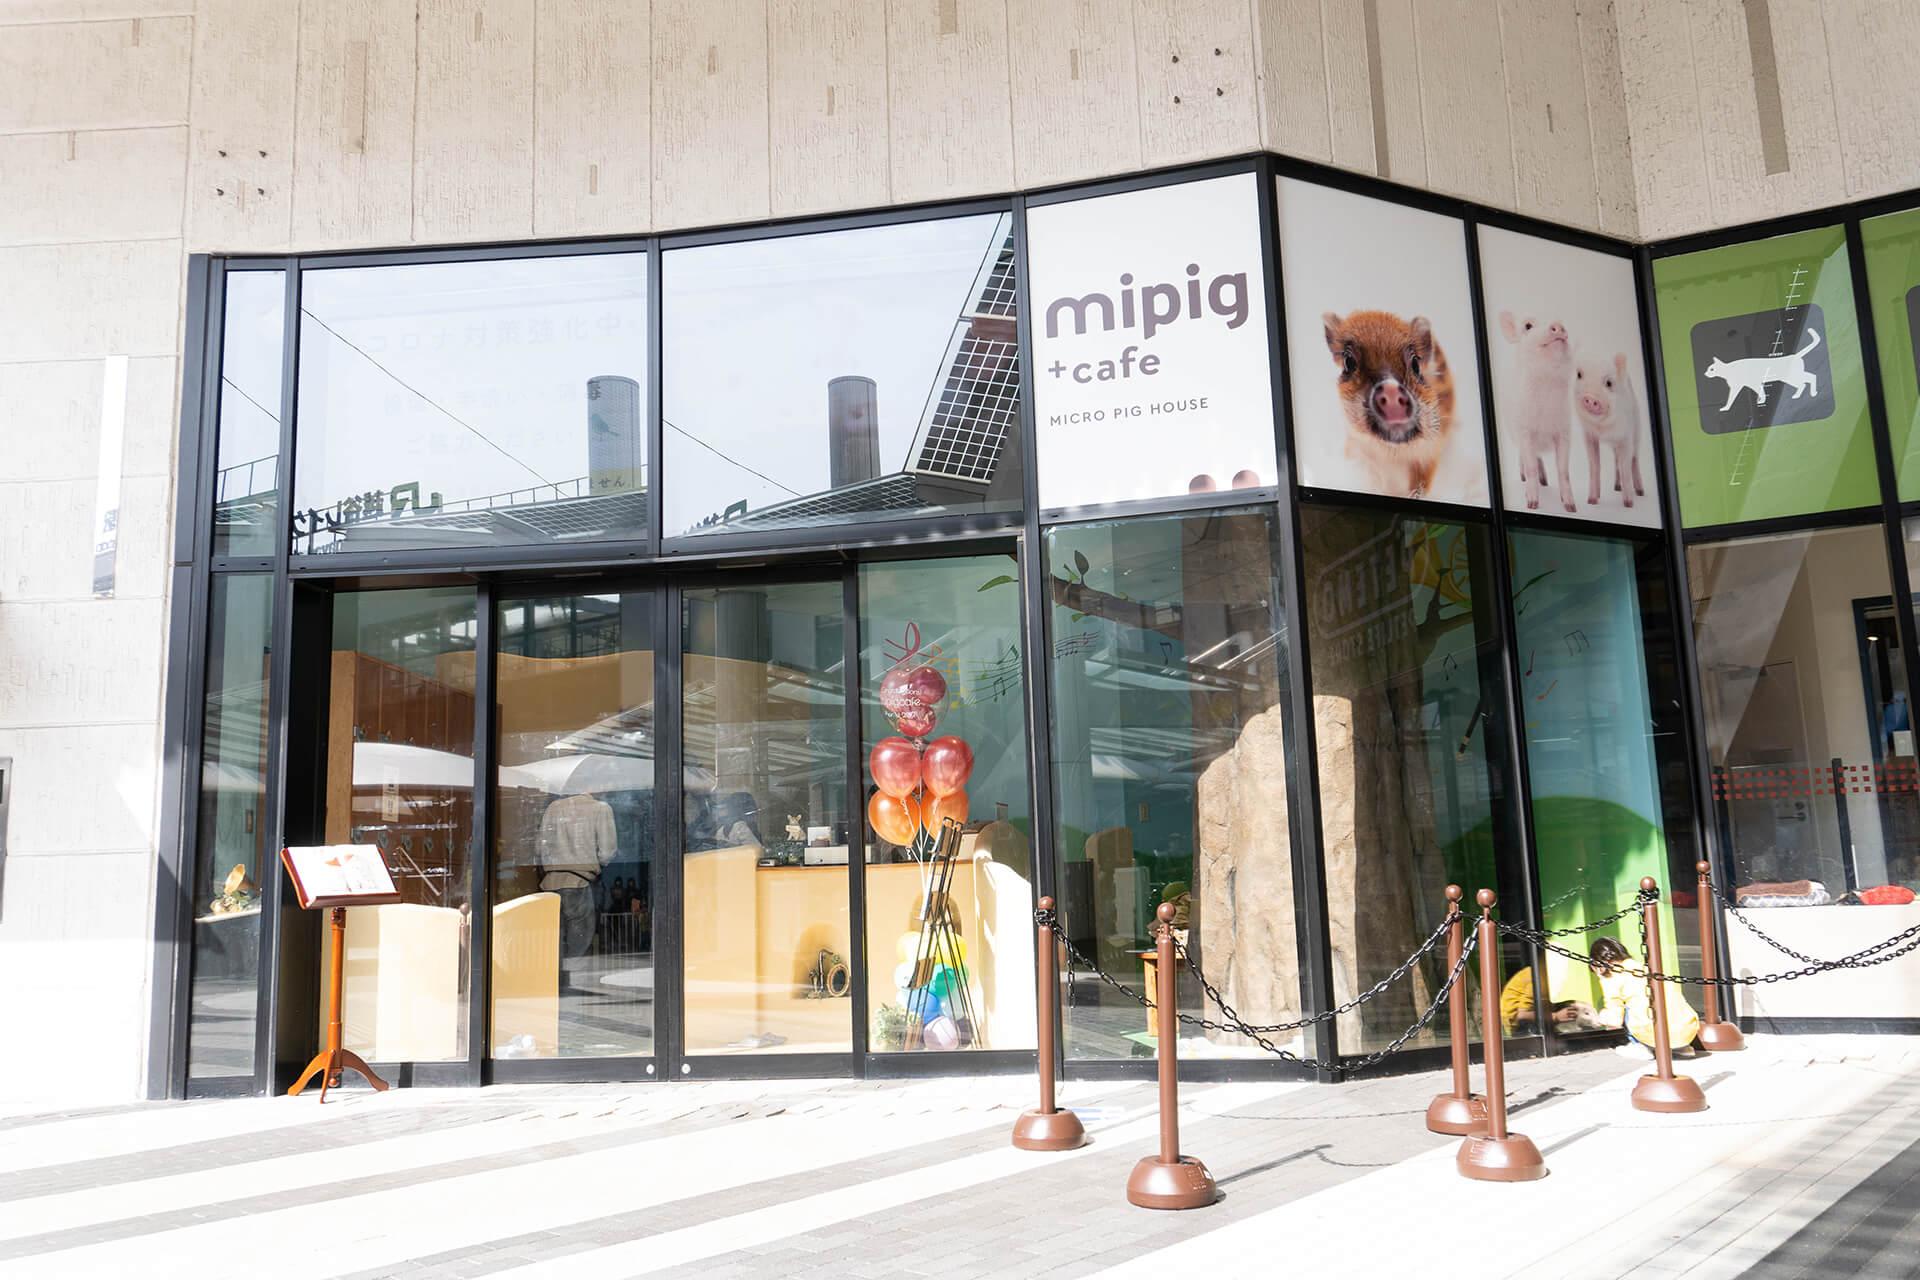 マイピッグカフェ越谷レイクタウン店